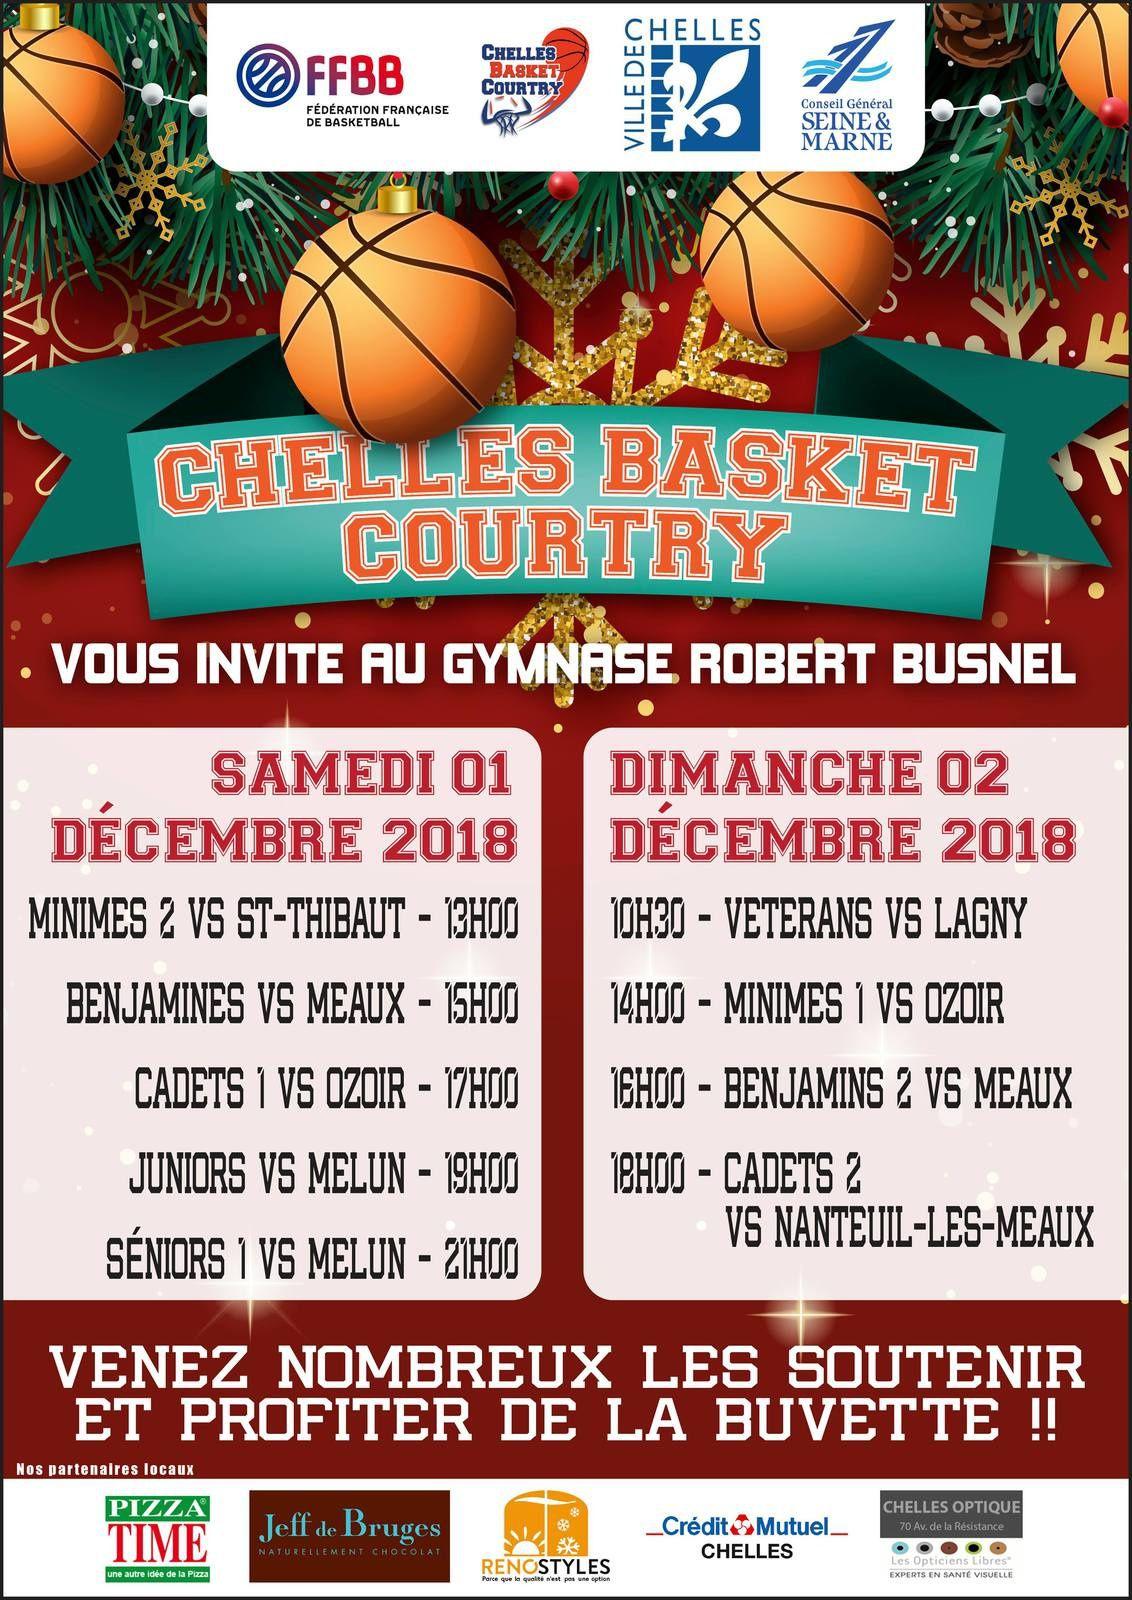 Matchs des 01 et 02 décembre 2018